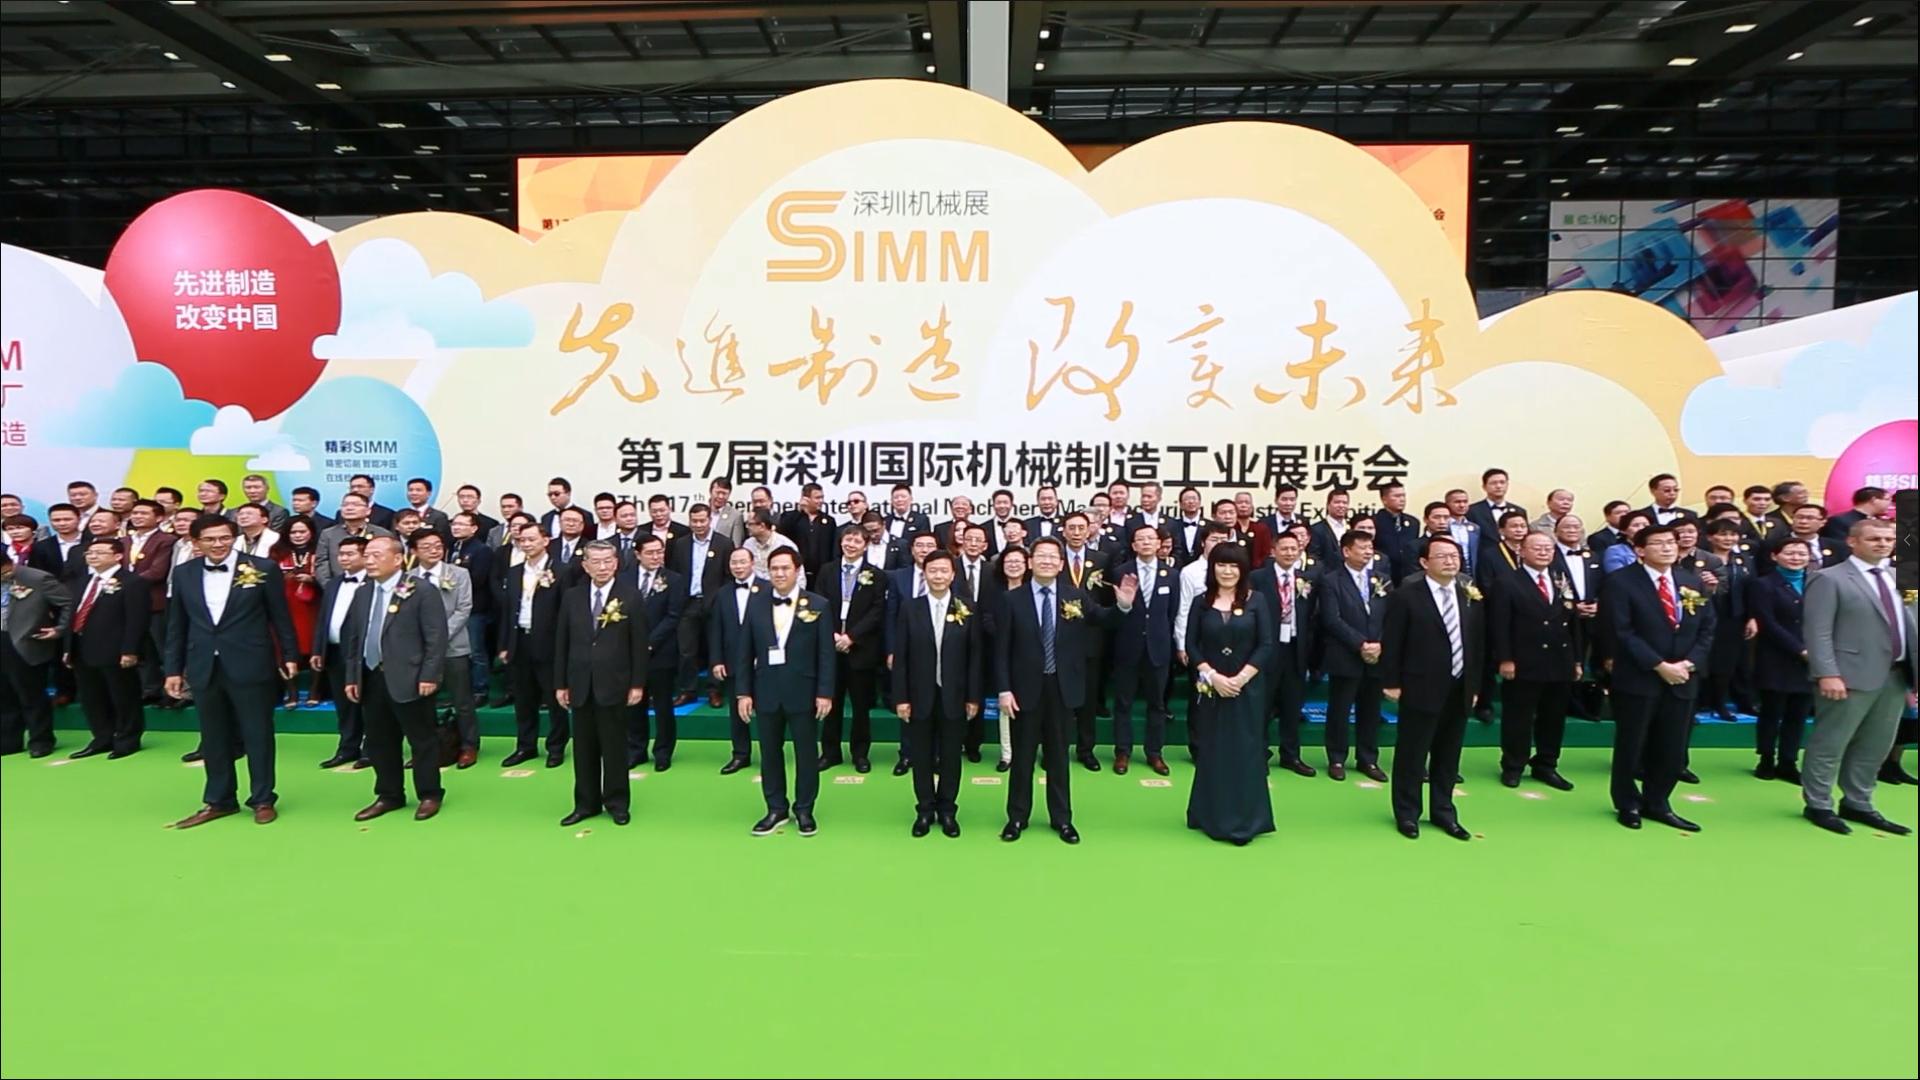 11000平方米、28个国家和地区、1100多家展商汇聚鹏程聚焦未来制造,第17届深圳机械展智慧启航